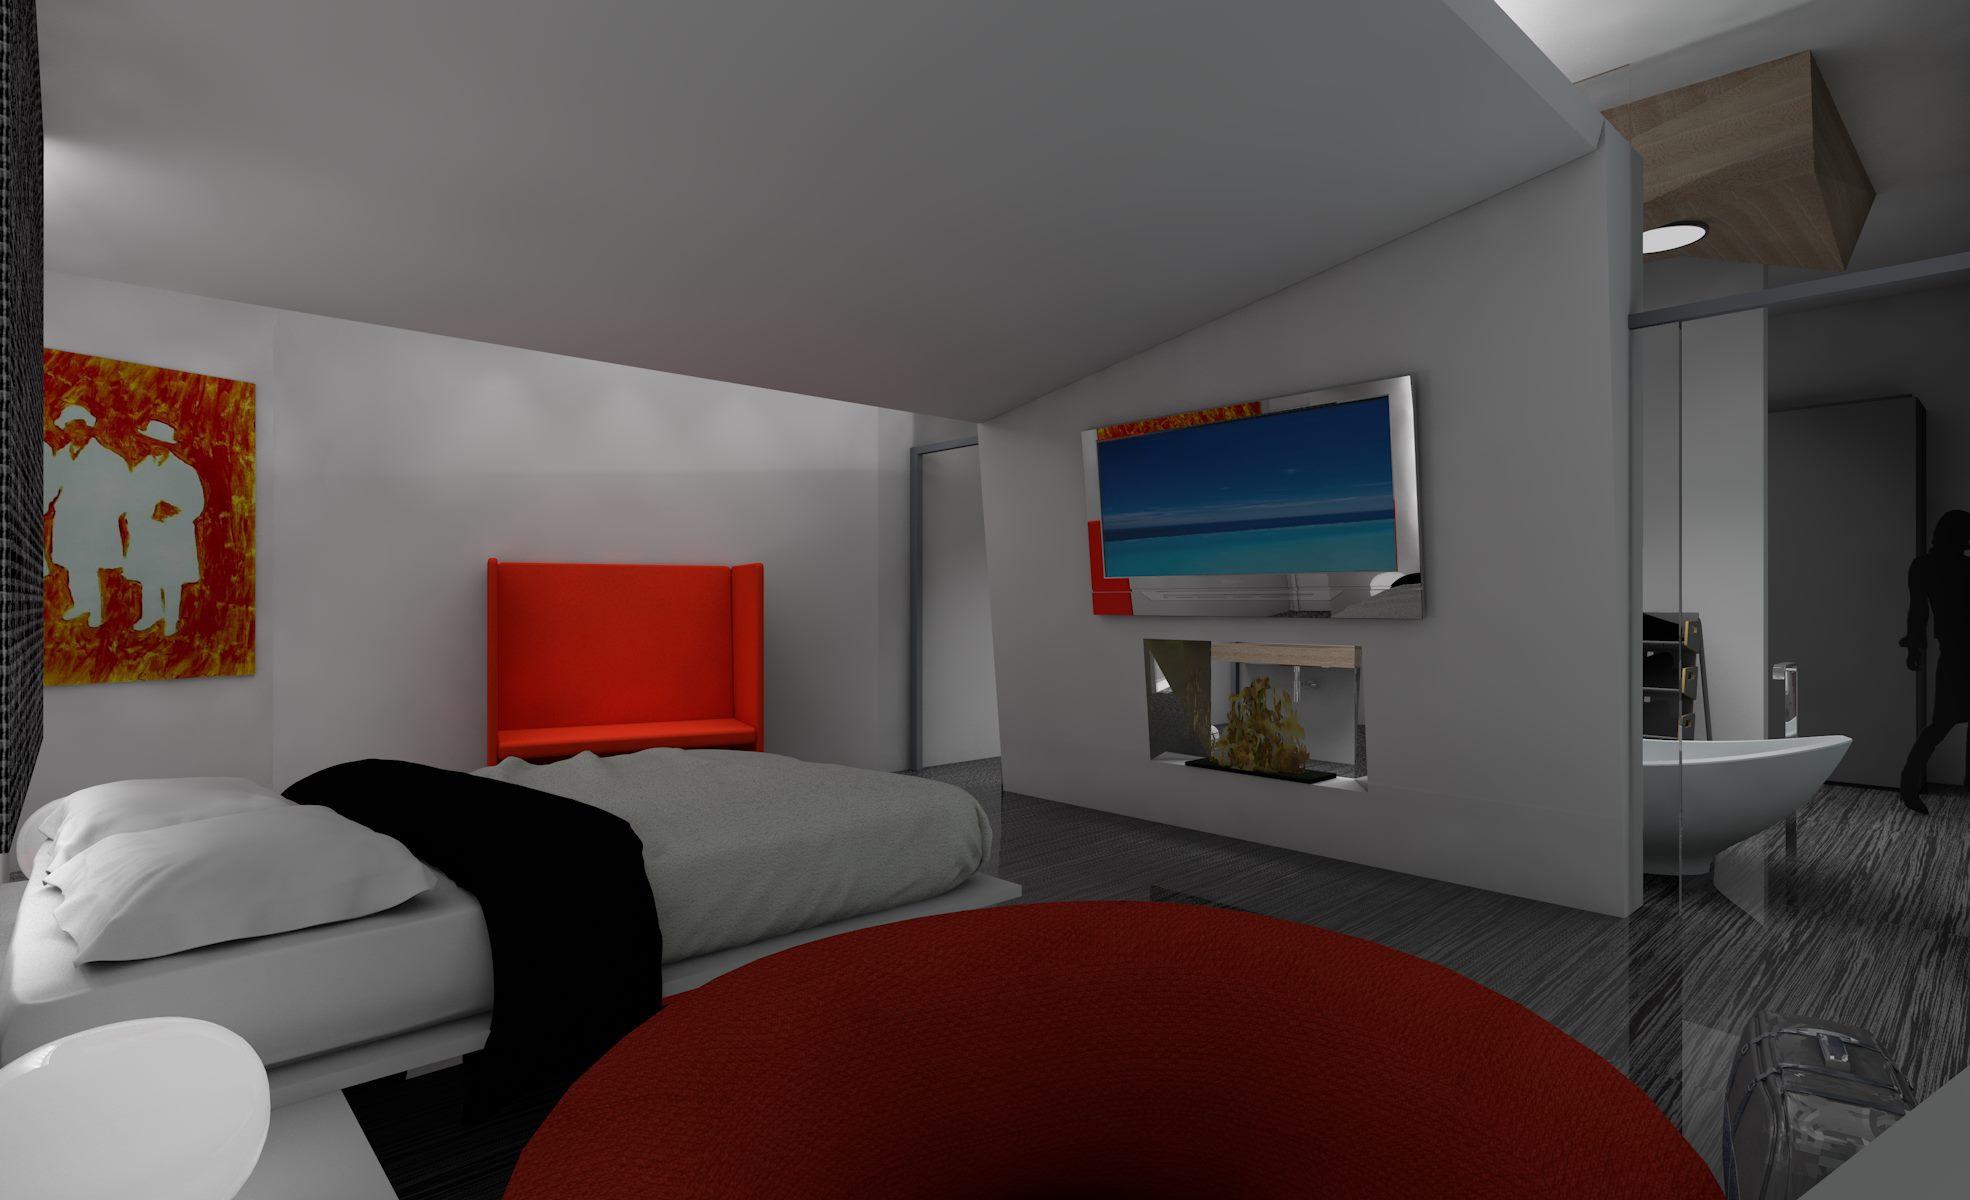 Arredamento casa idee e tendenze di arredamento  progetto arredamento camera Hotel